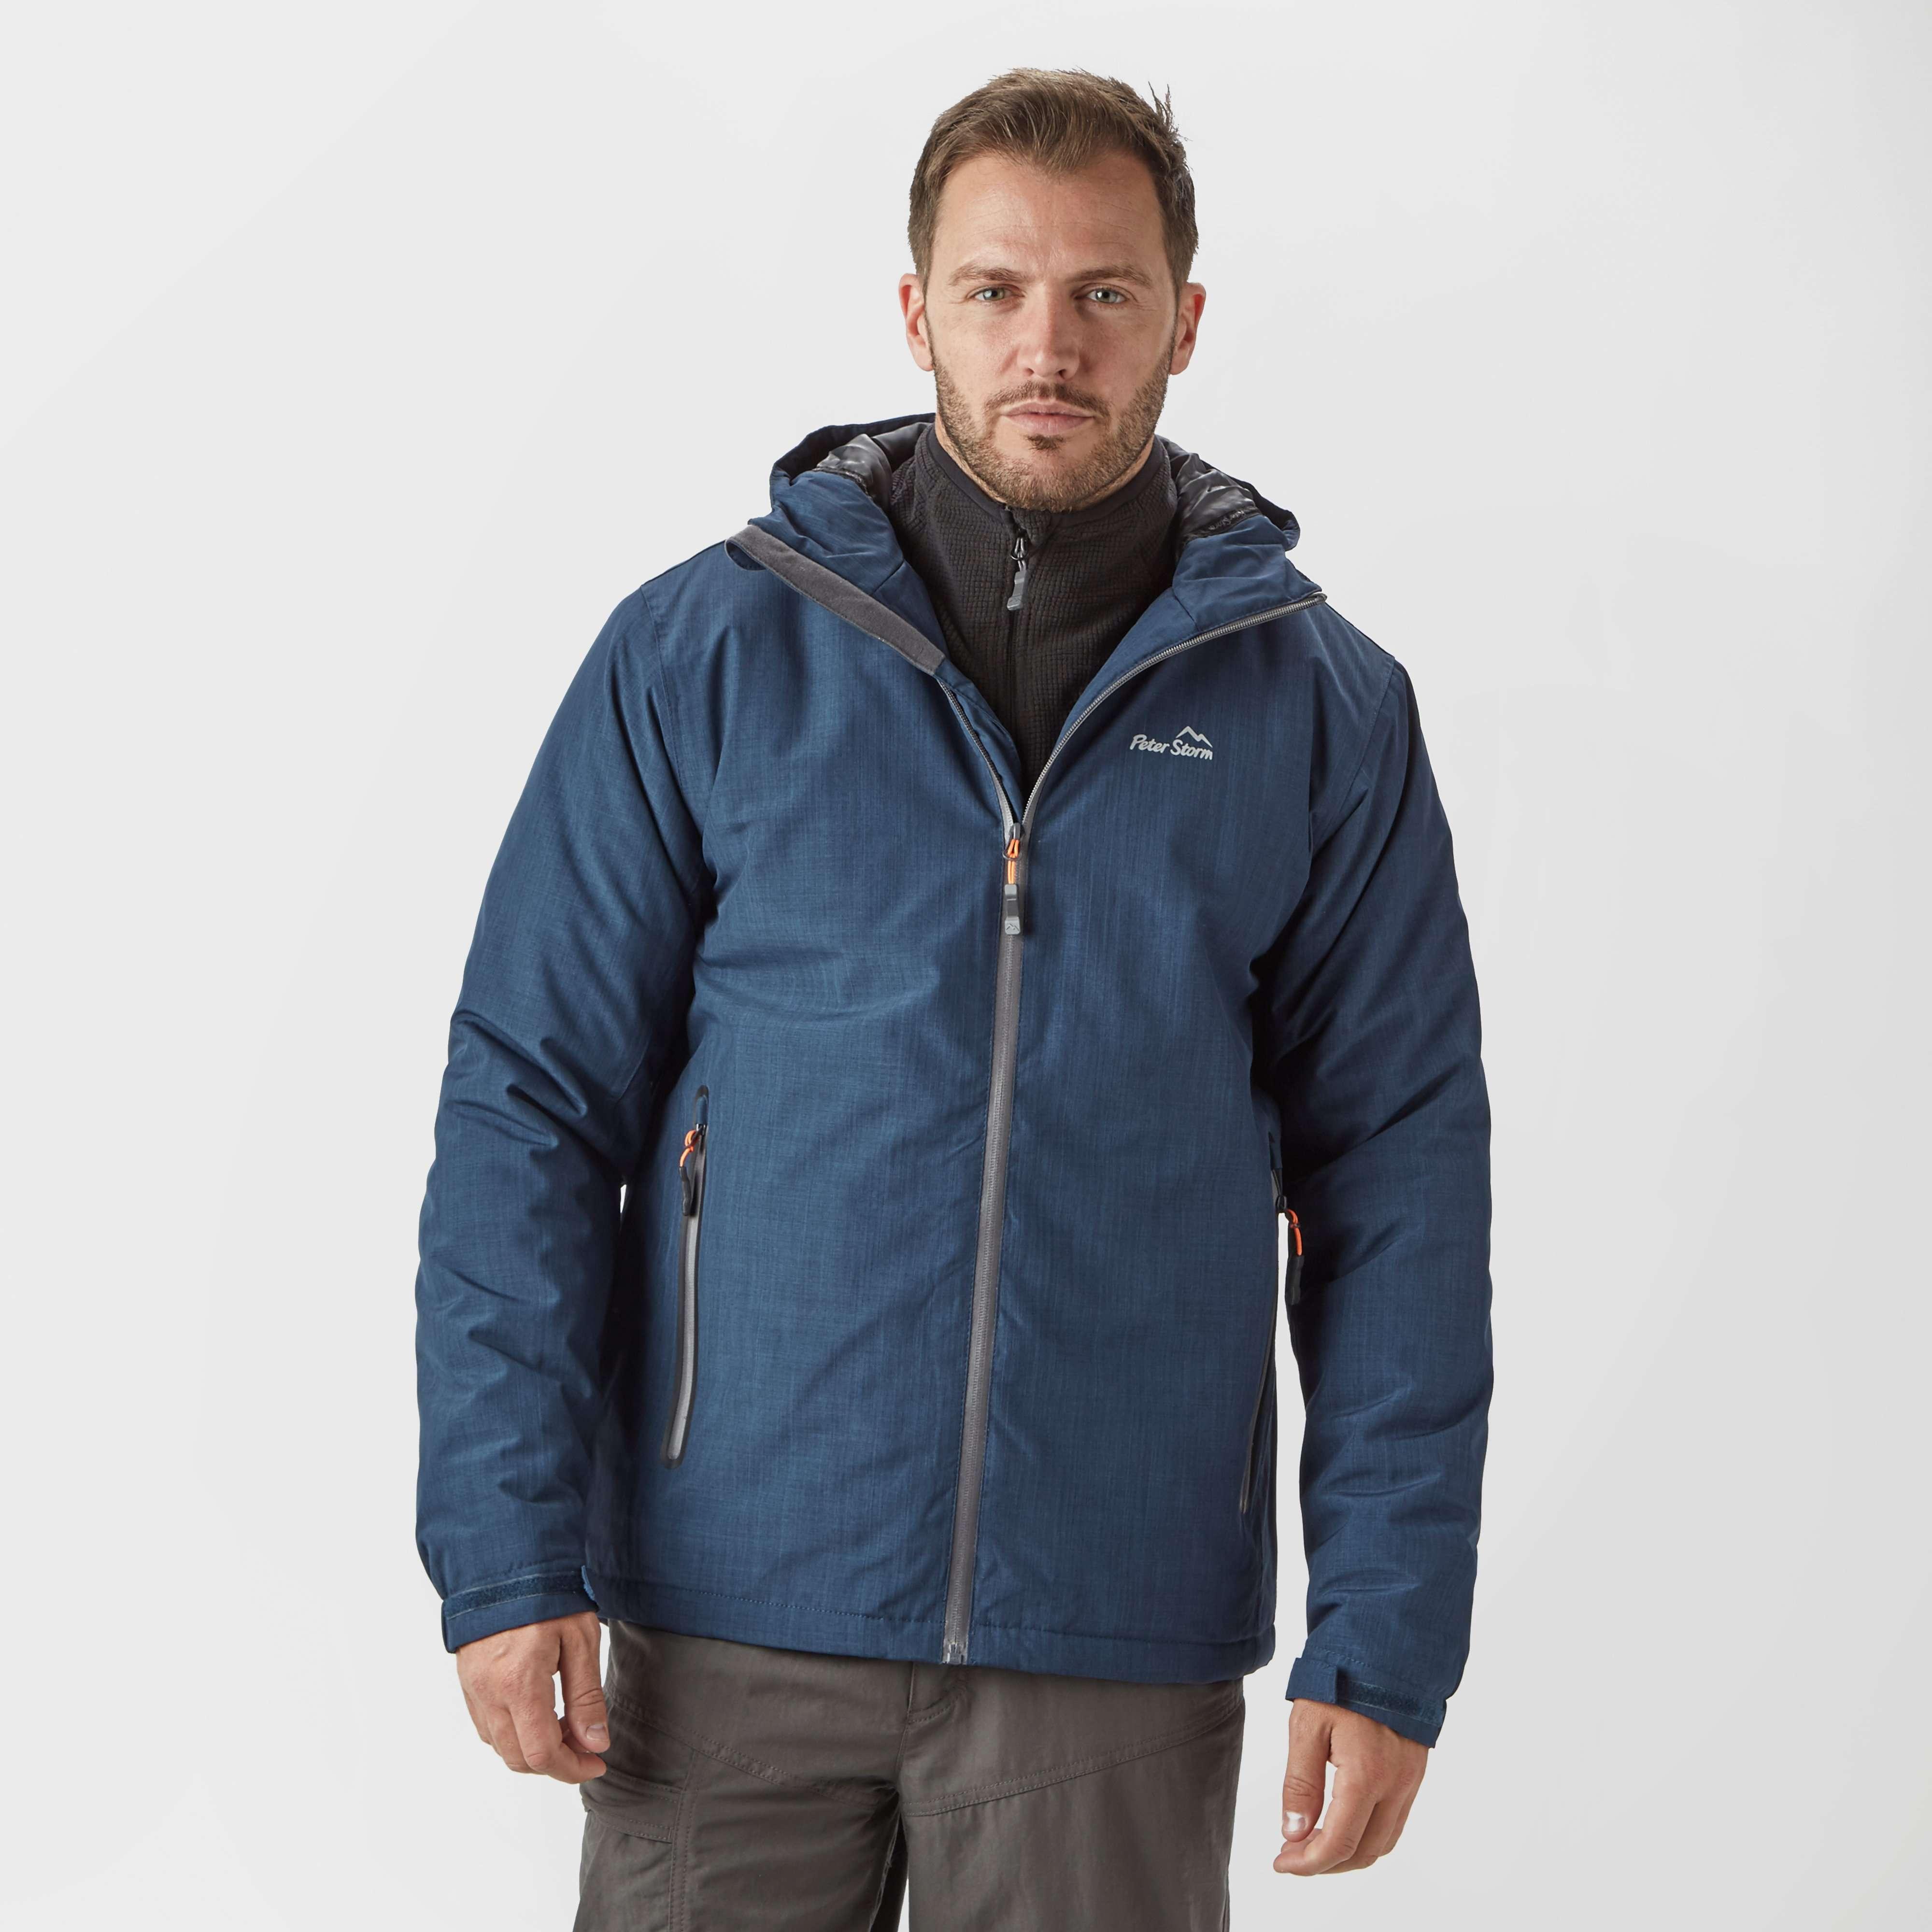 PETER STORM Men's Typhoon Jacket